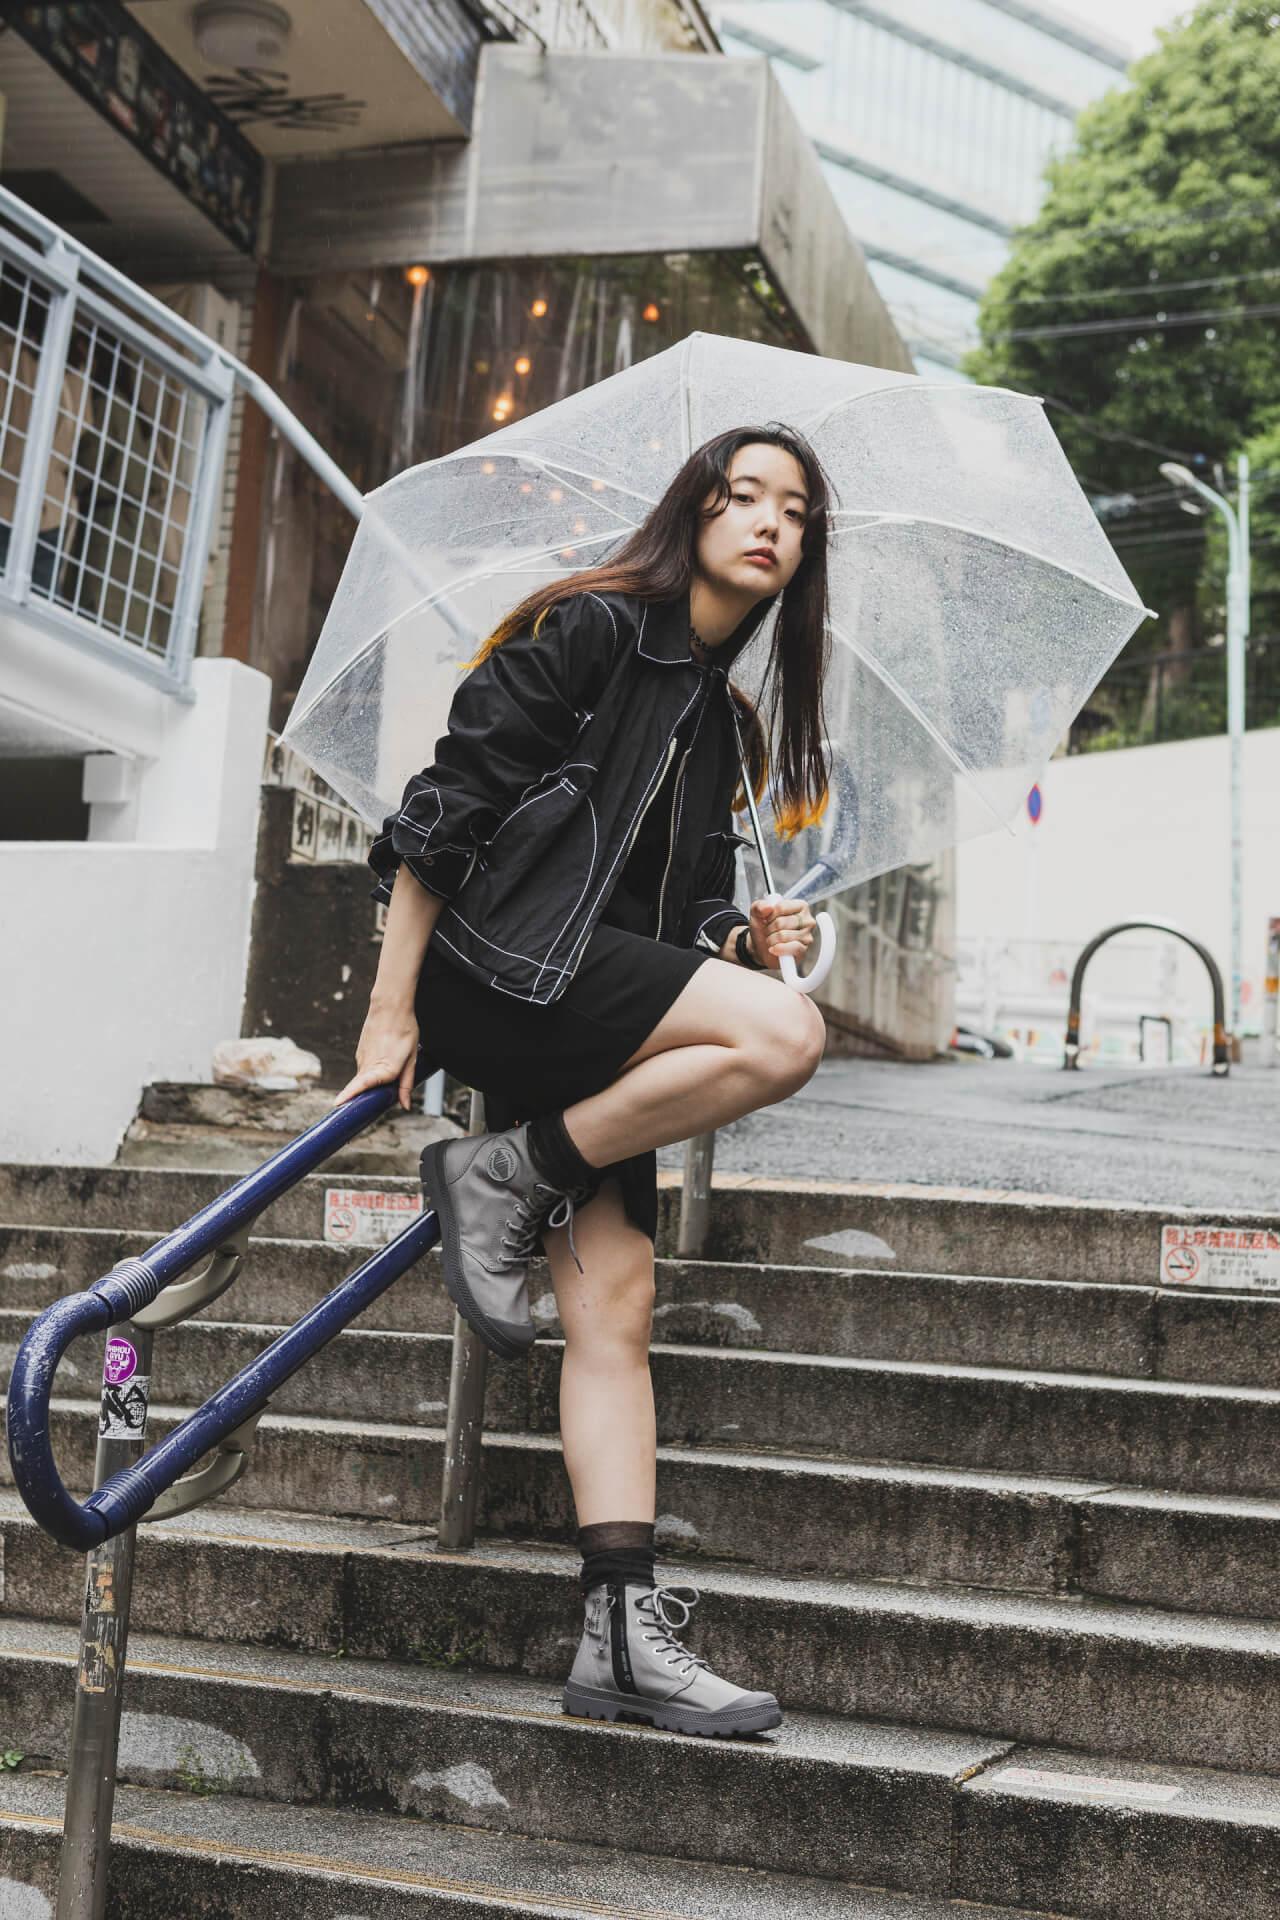 PALLADIUM × 7A&msd|スタイリスト、クリエイターが提案する梅雨を乗り切る雨の日コーデ fashion210526_palladium-020